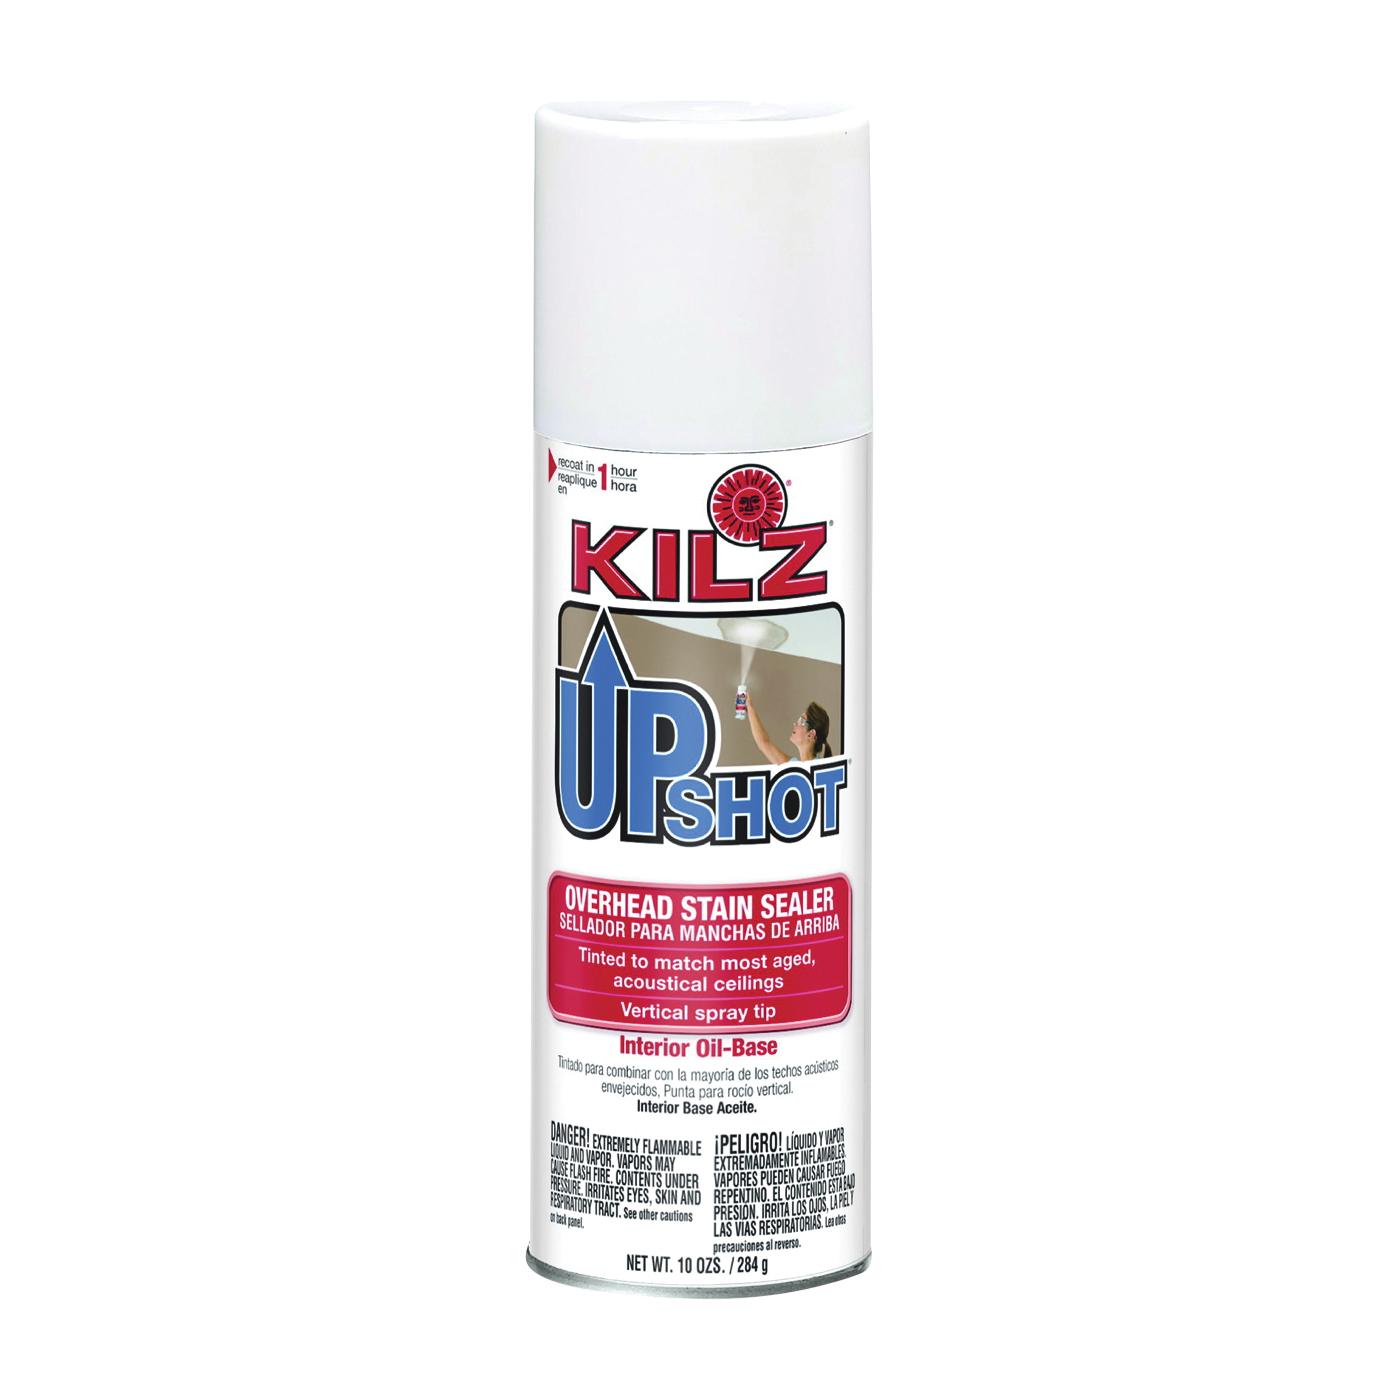 Picture of Kilz 10007 Stain Sealer, White, 10 oz